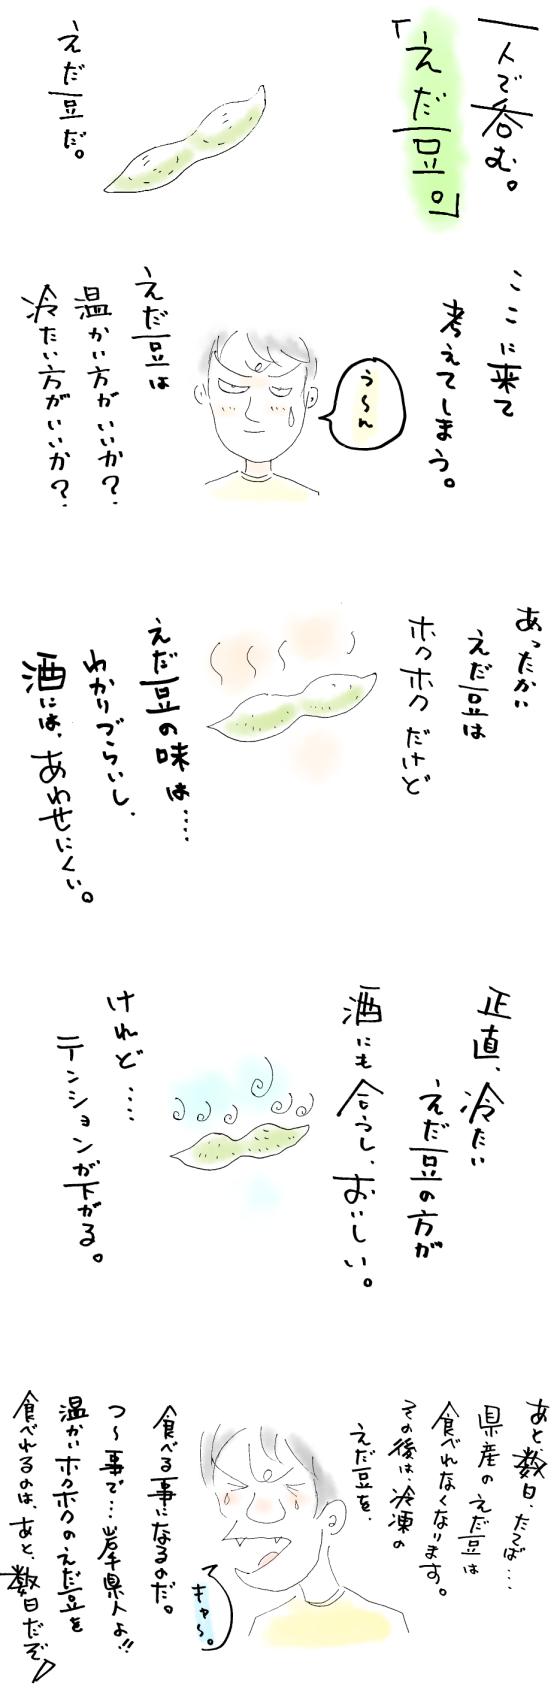 20170904_184602219.jpg